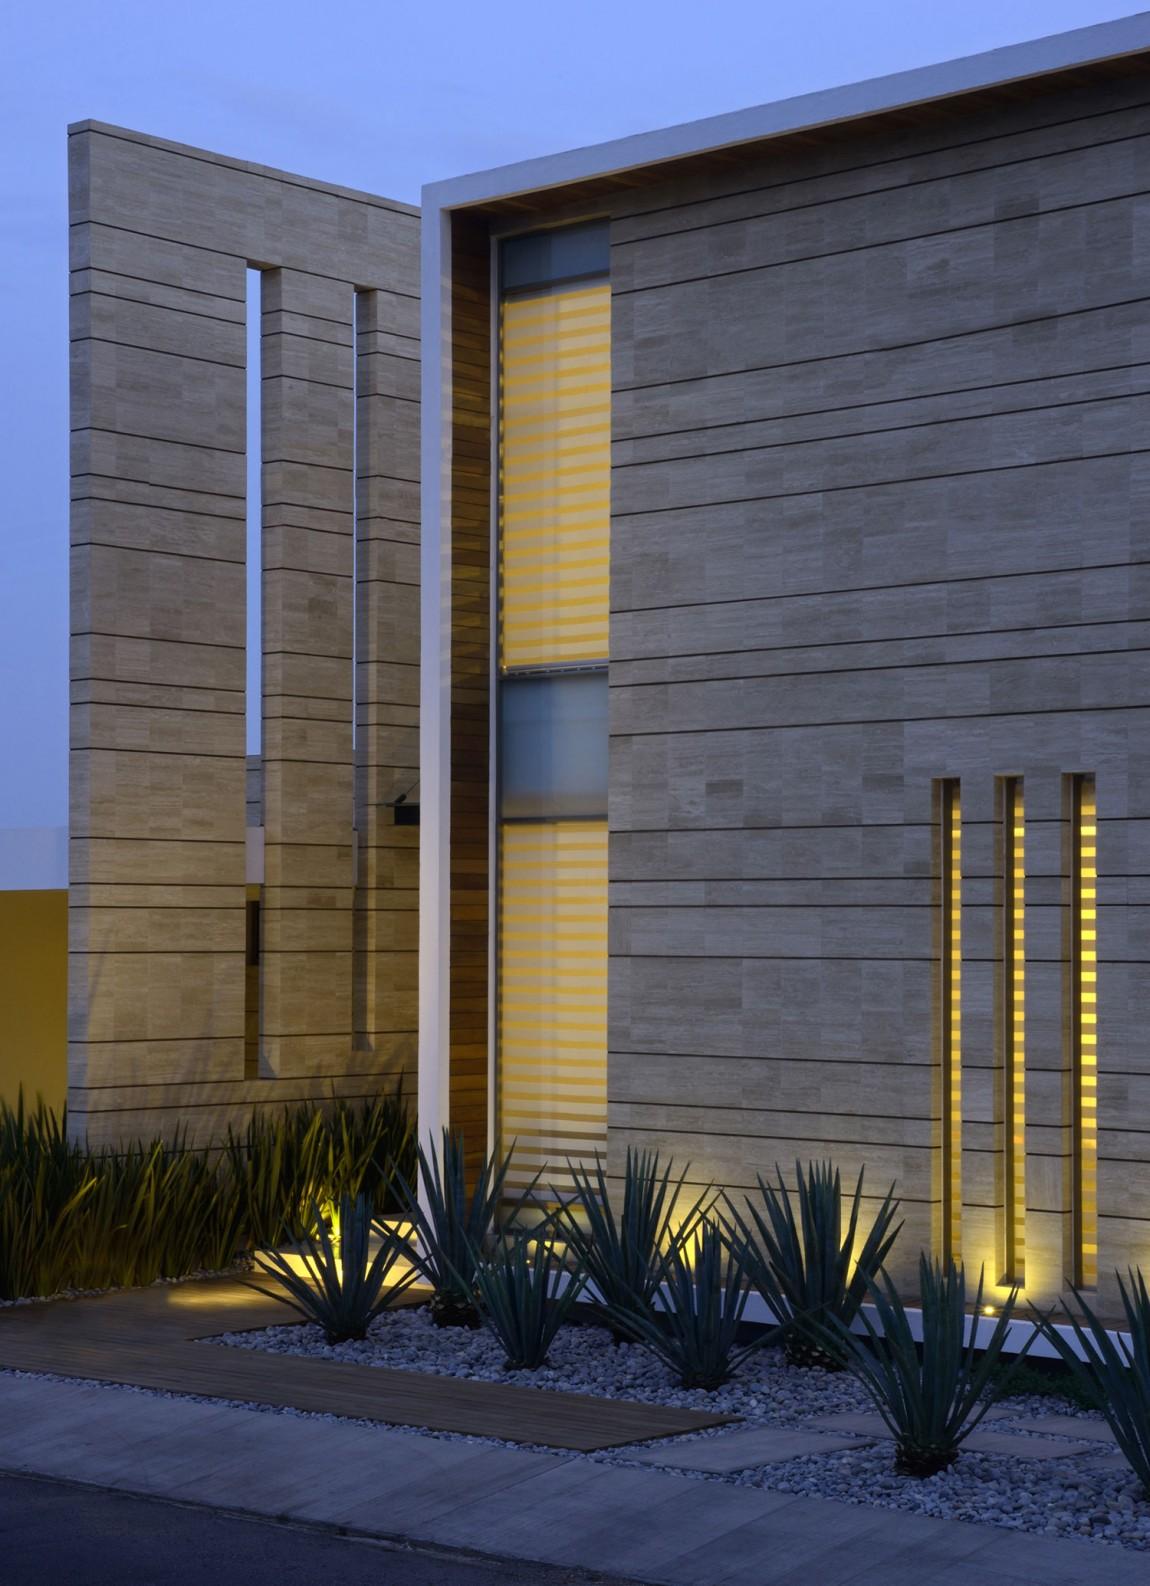 Уютный дом Casa Navona для мексиканской семьи в техно-стиле